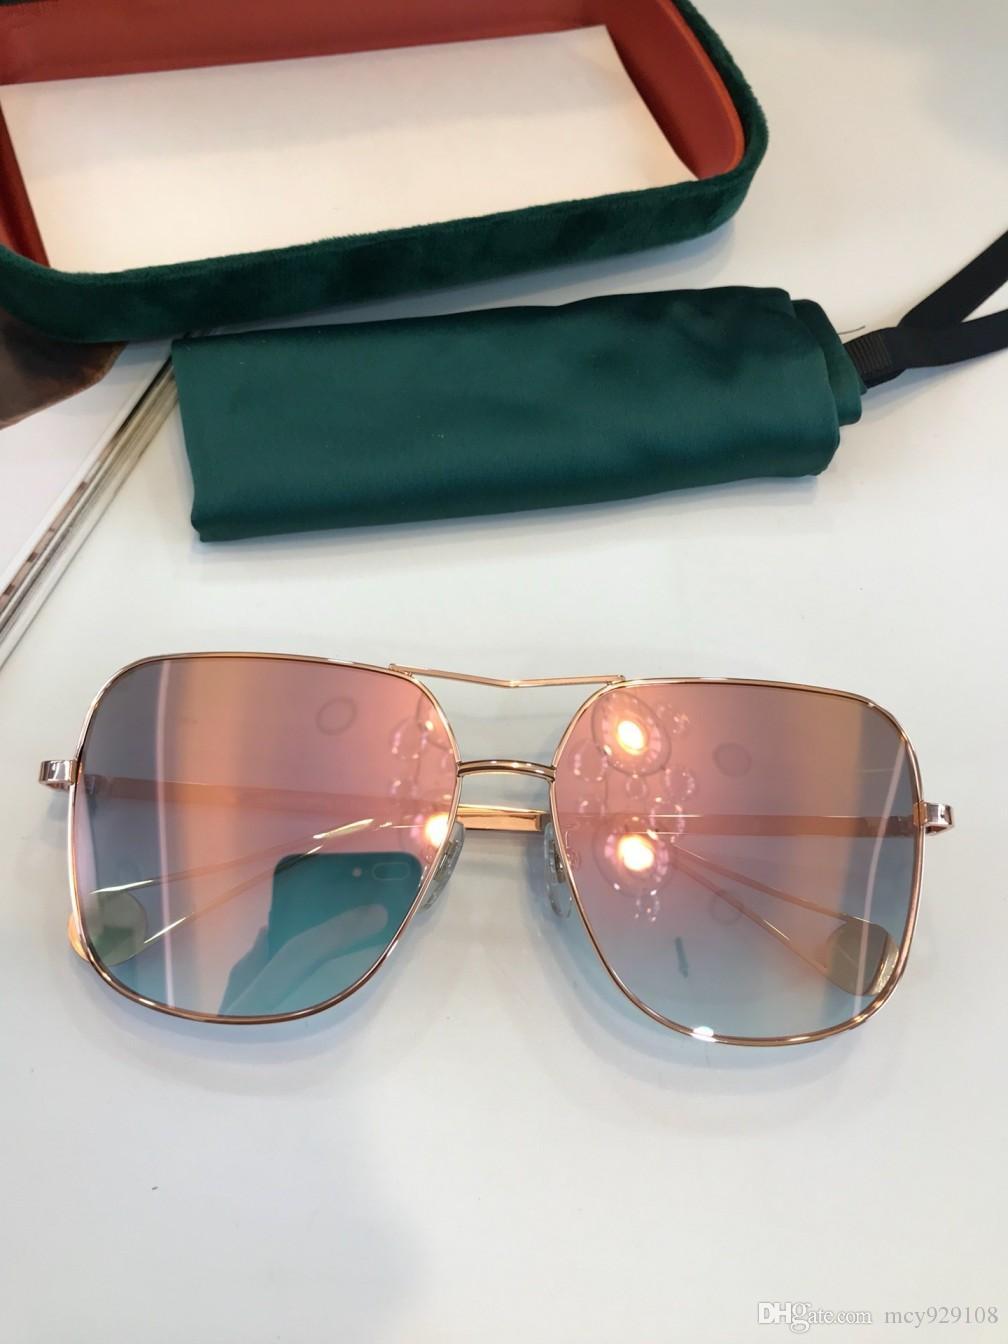 Nouvelle mode 0619 protection de l'été en plein air lunettes de soleil femmes populaires hommes simples hommes UV400 lunettes gros avec étui